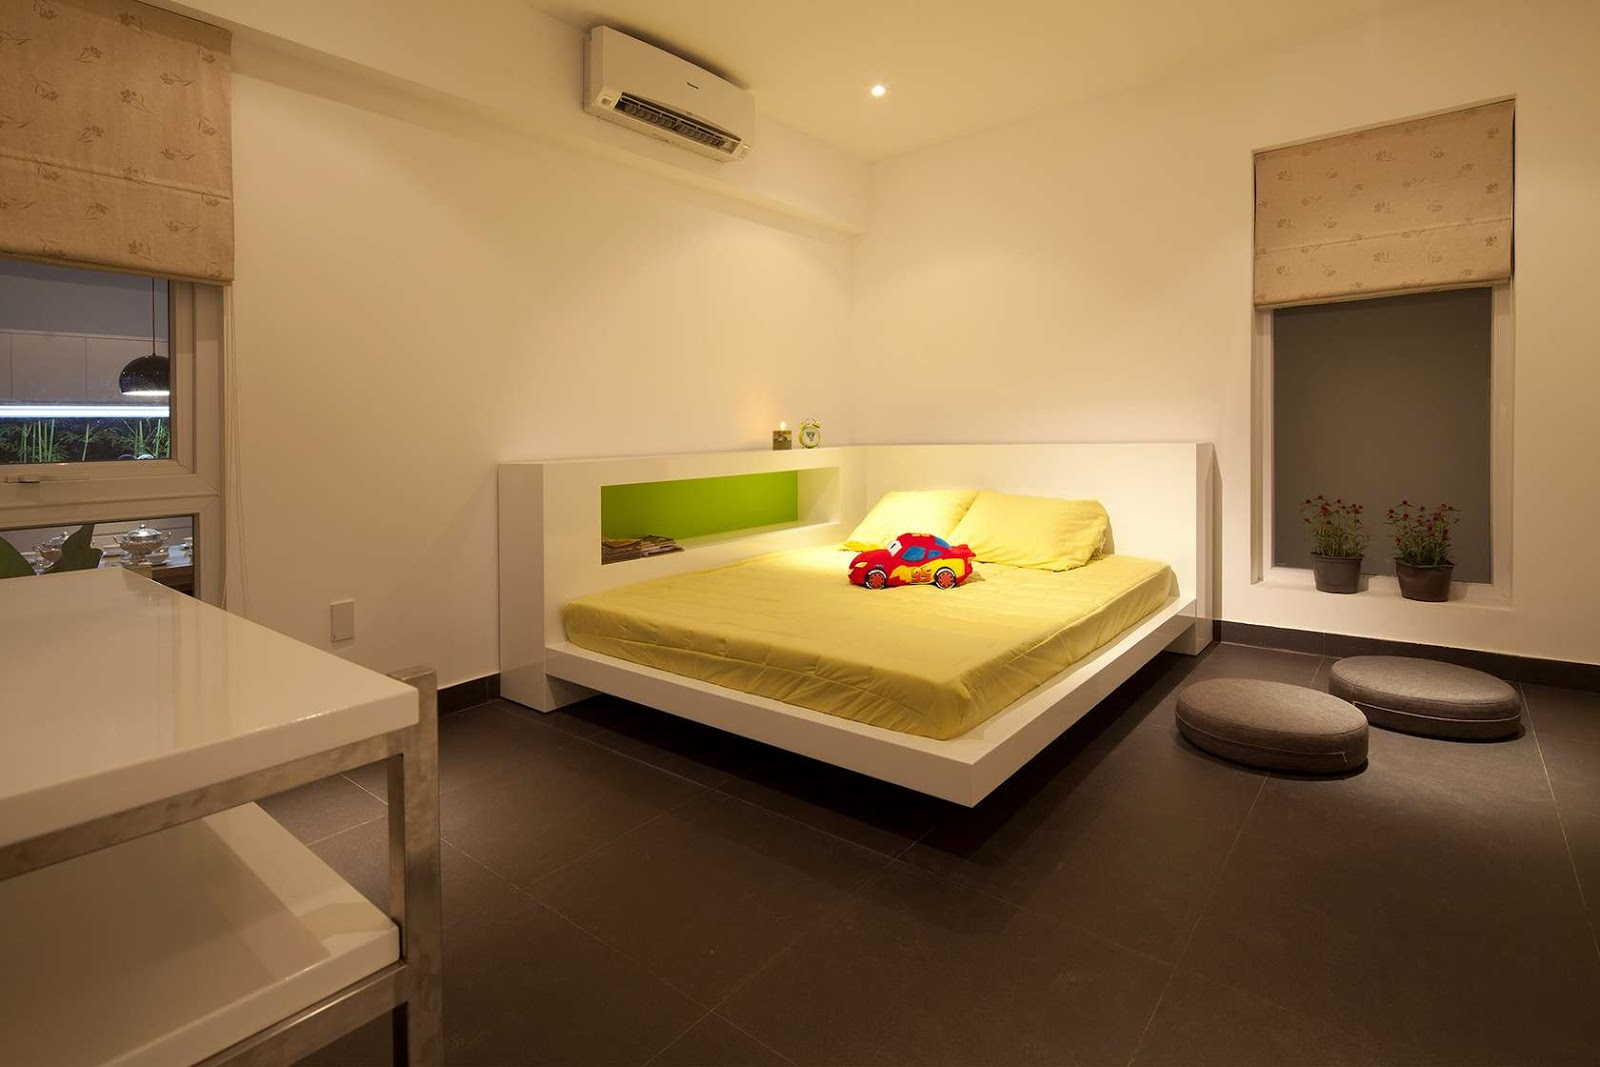 Кровать на угловом подиуме